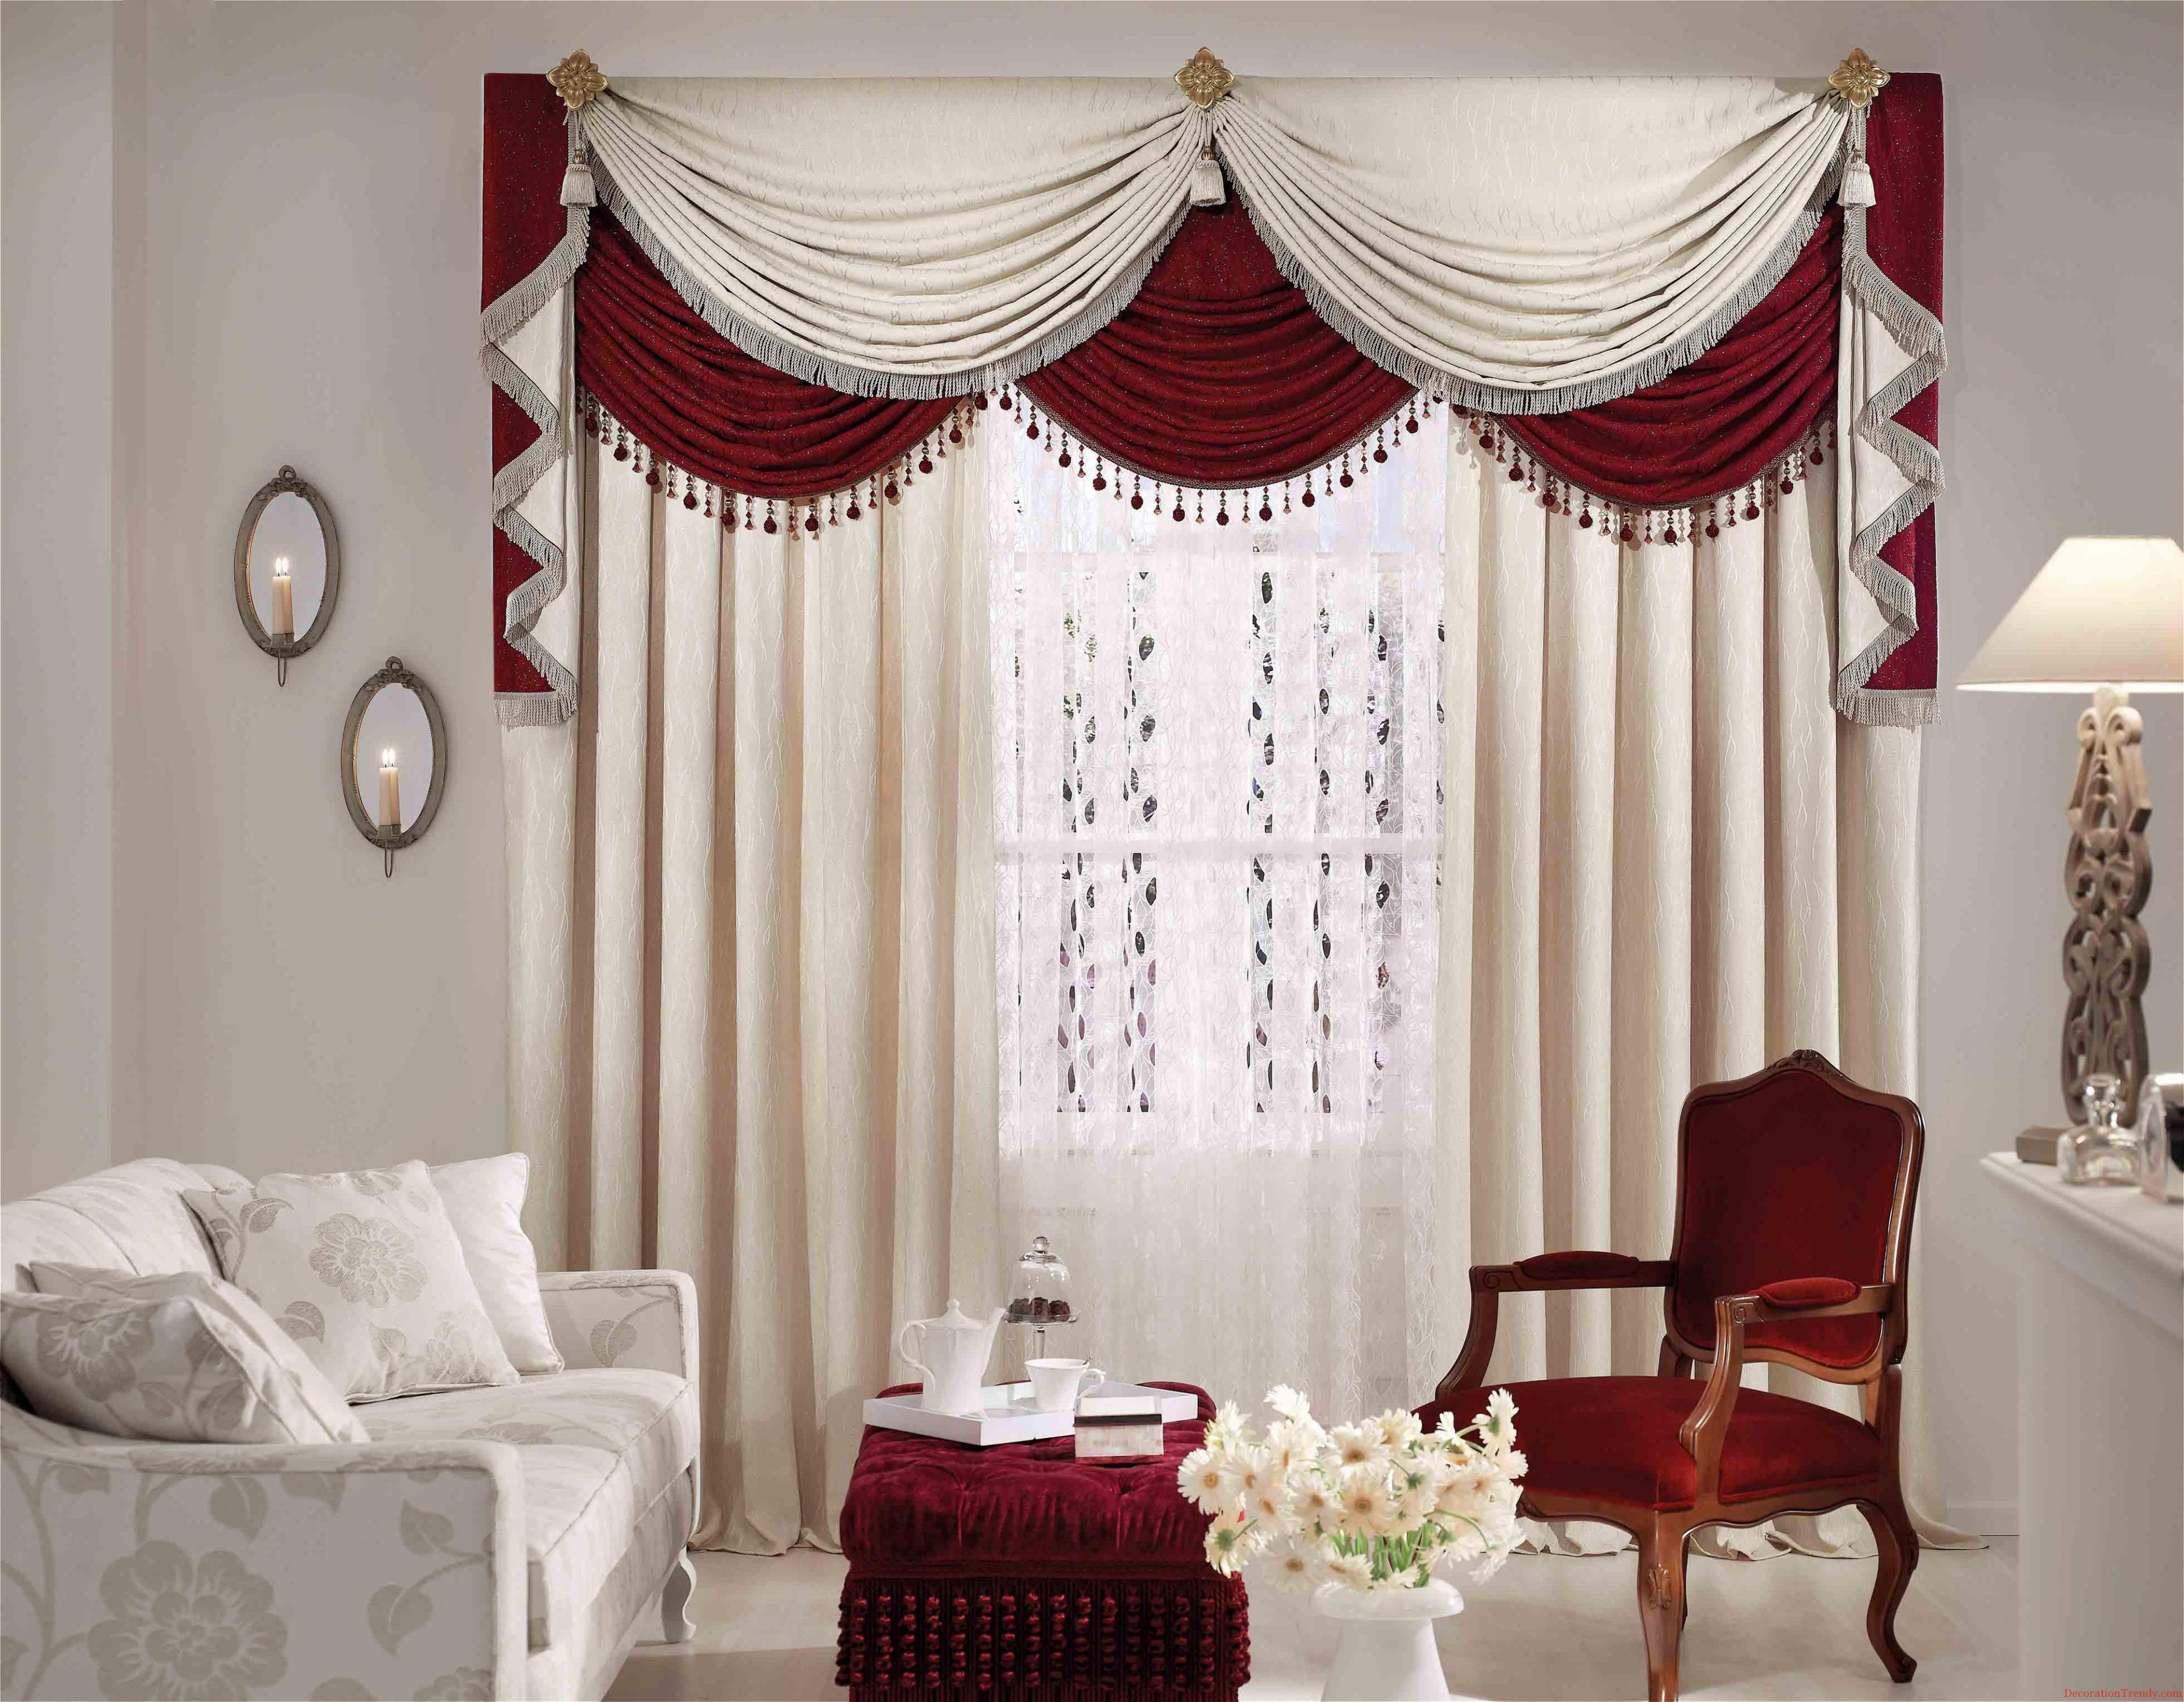 View In Gallery Langsir Putih Merah Mewah Untuk Ruang Tamu